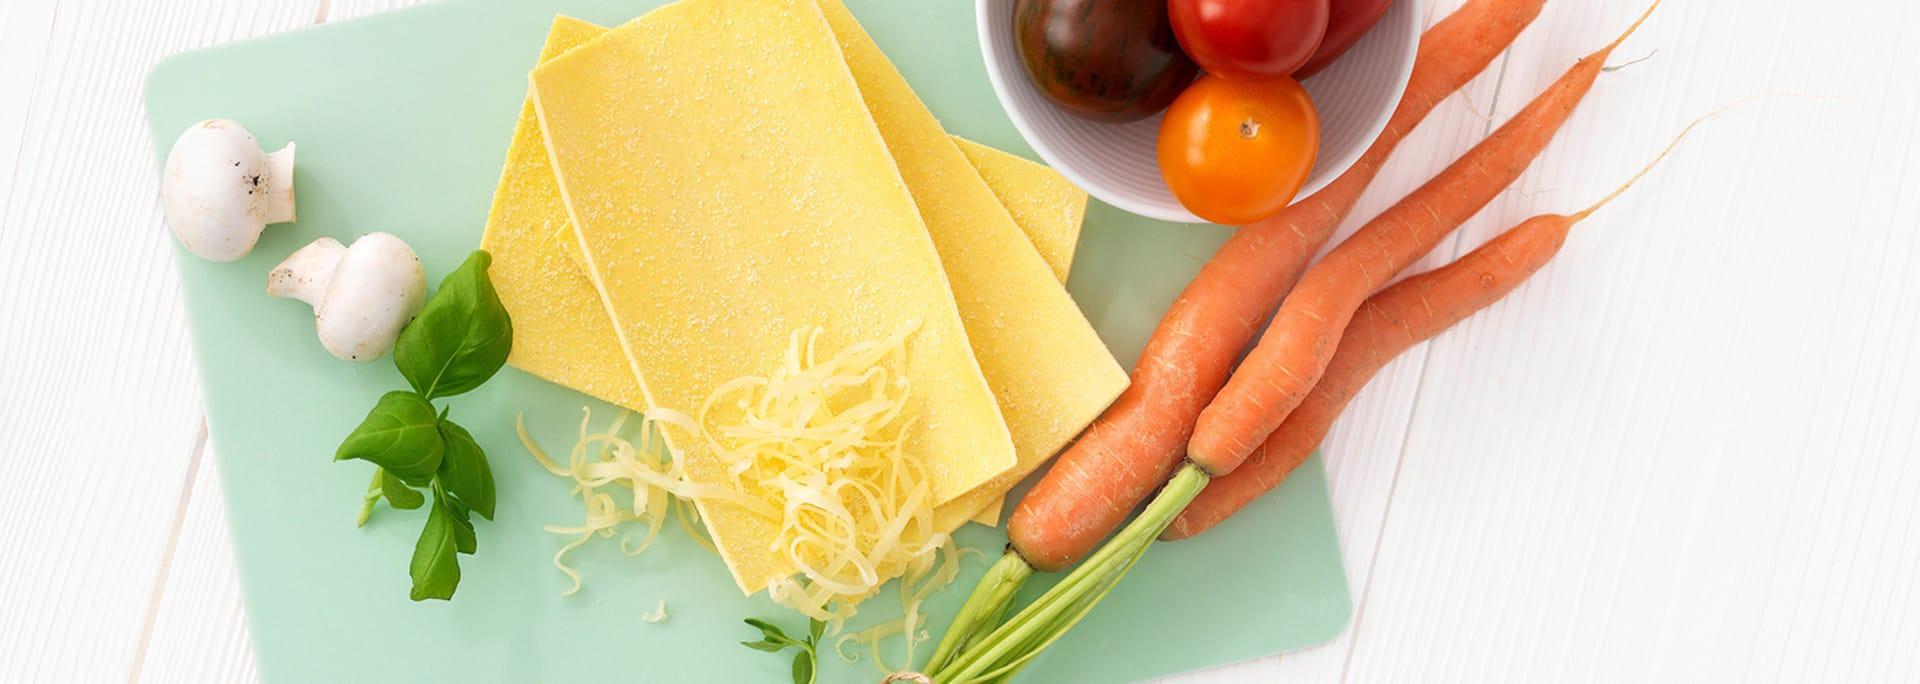 Børnernæringens ABC - vegetarmad til børn